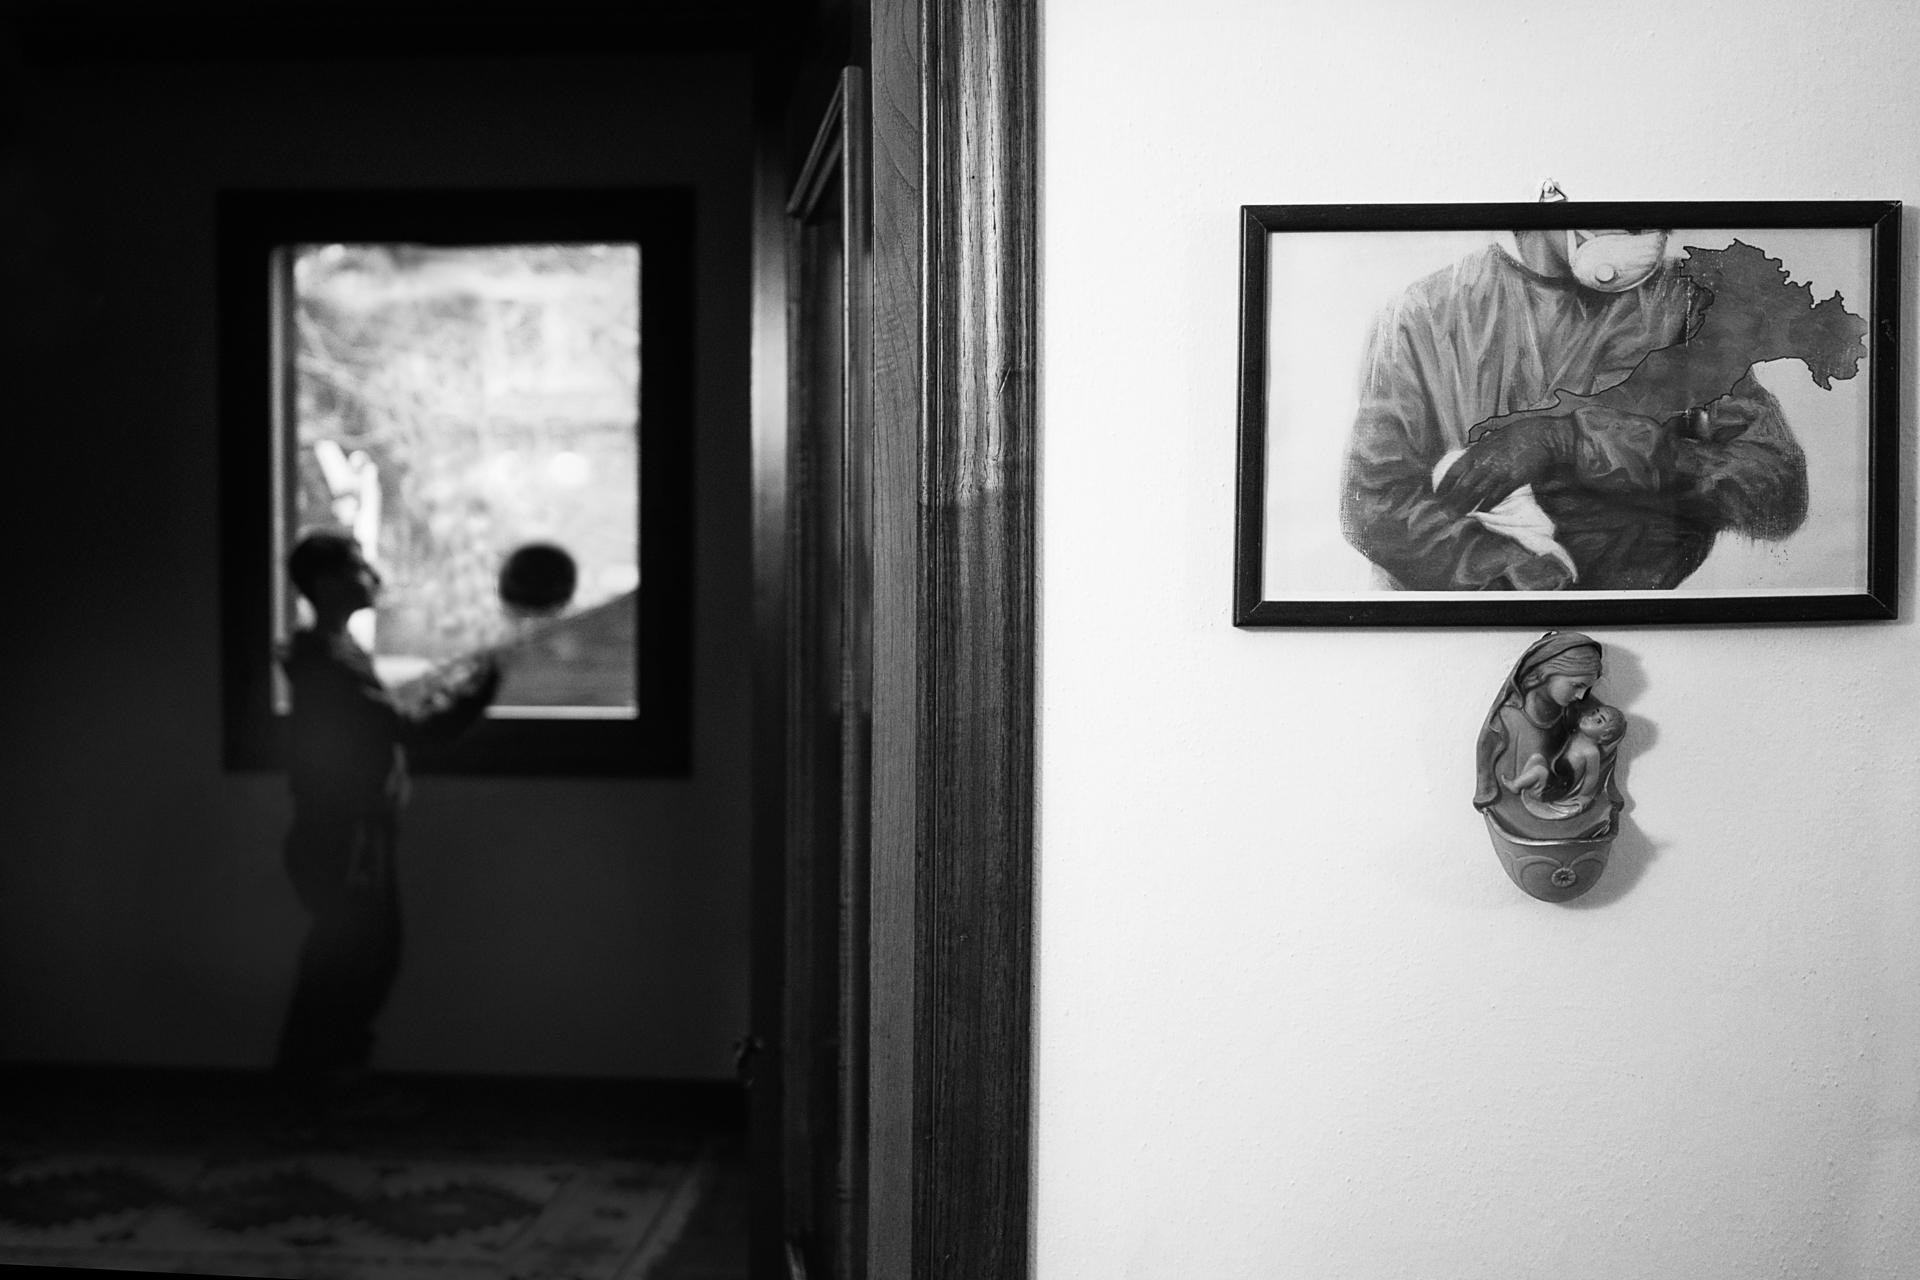 Foto n° 32 NONA– CENTRO SPERIMENTALERICCARDO COCCHI  La fotografia che vediamo è formata da due parti che si contrappongono e si diversificano per messaggio da dare, come si differenziano come contenuto. La parte nera ci racconta di un ragazzo che è cost